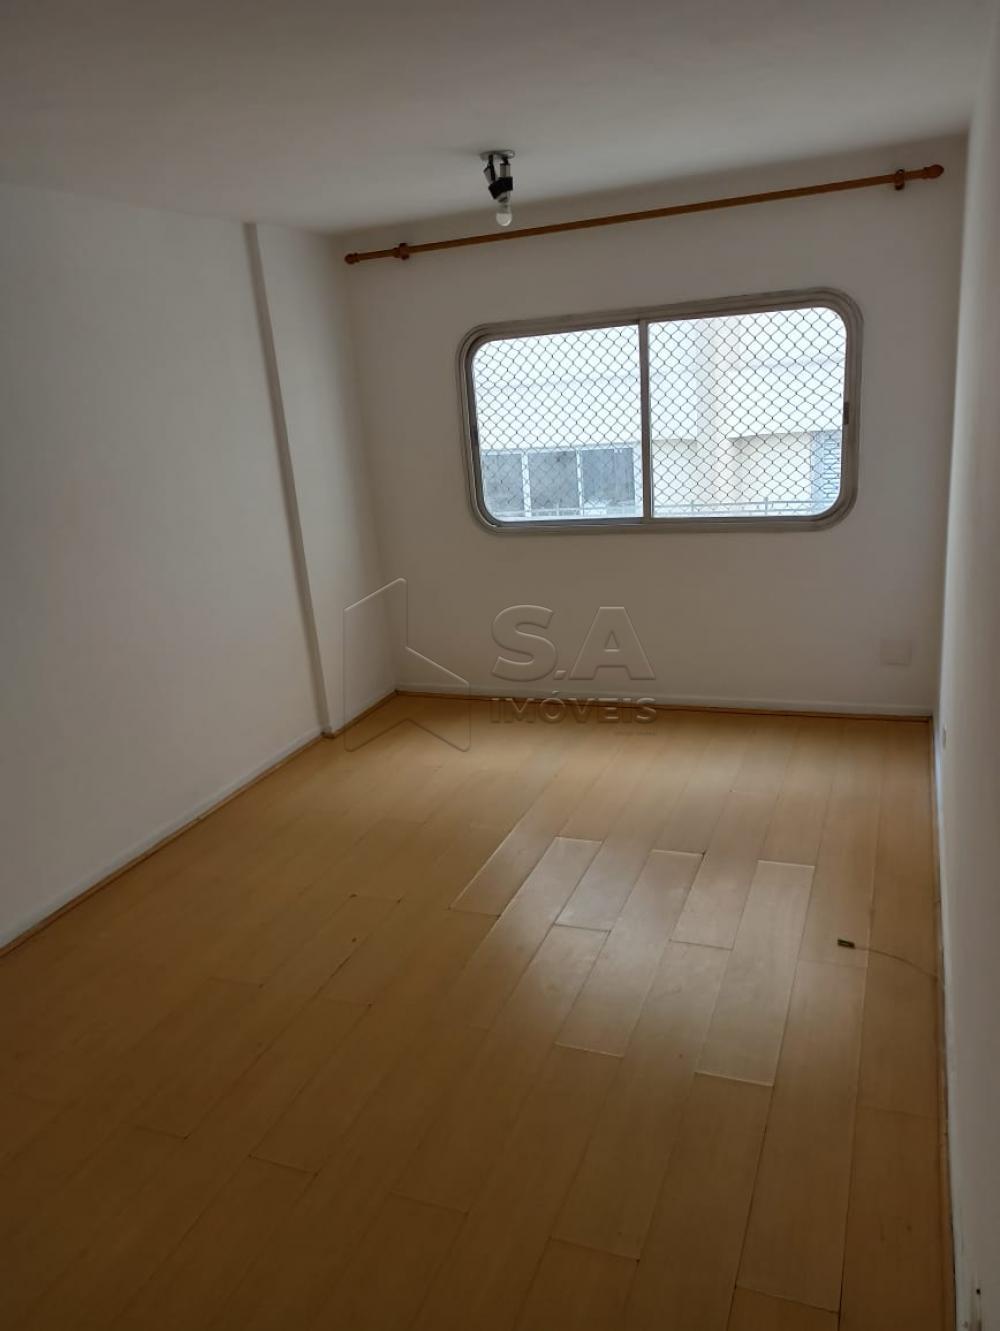 Comprar Apartamento / Padrão em São Paulo apenas R$ 650.000,00 - Foto 1